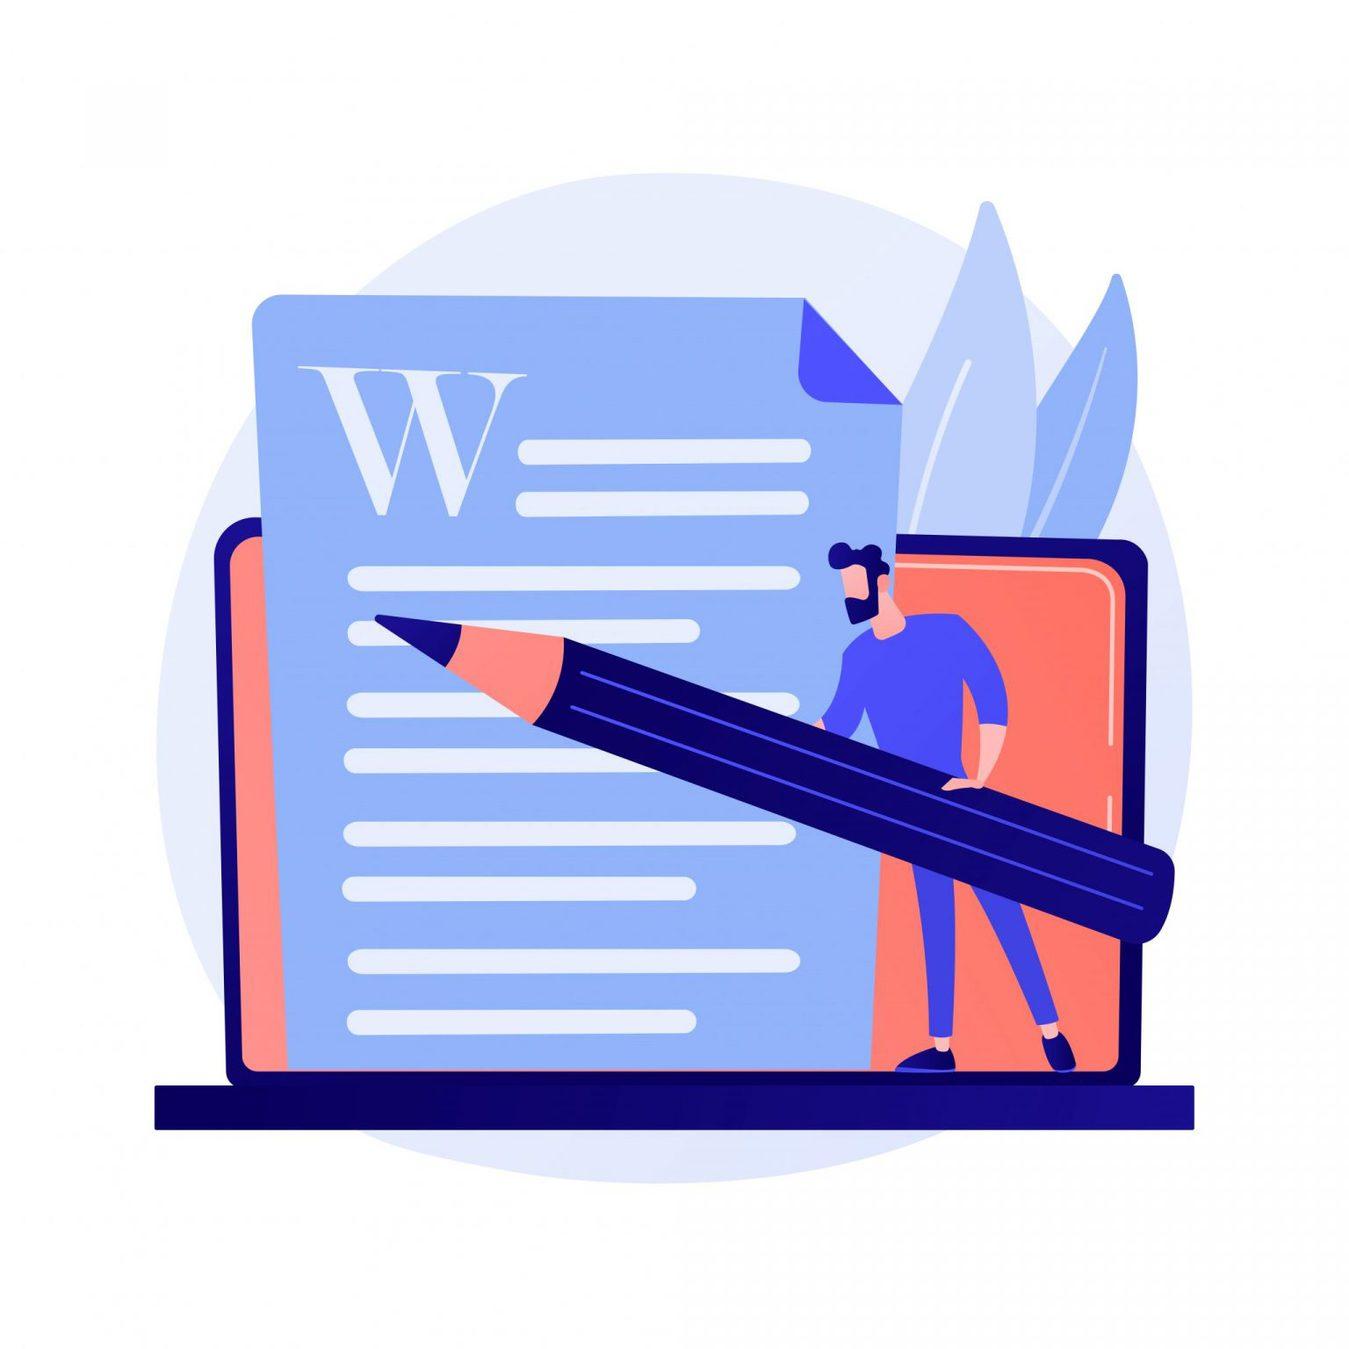 Een illustratie van content schrijven op een laptop